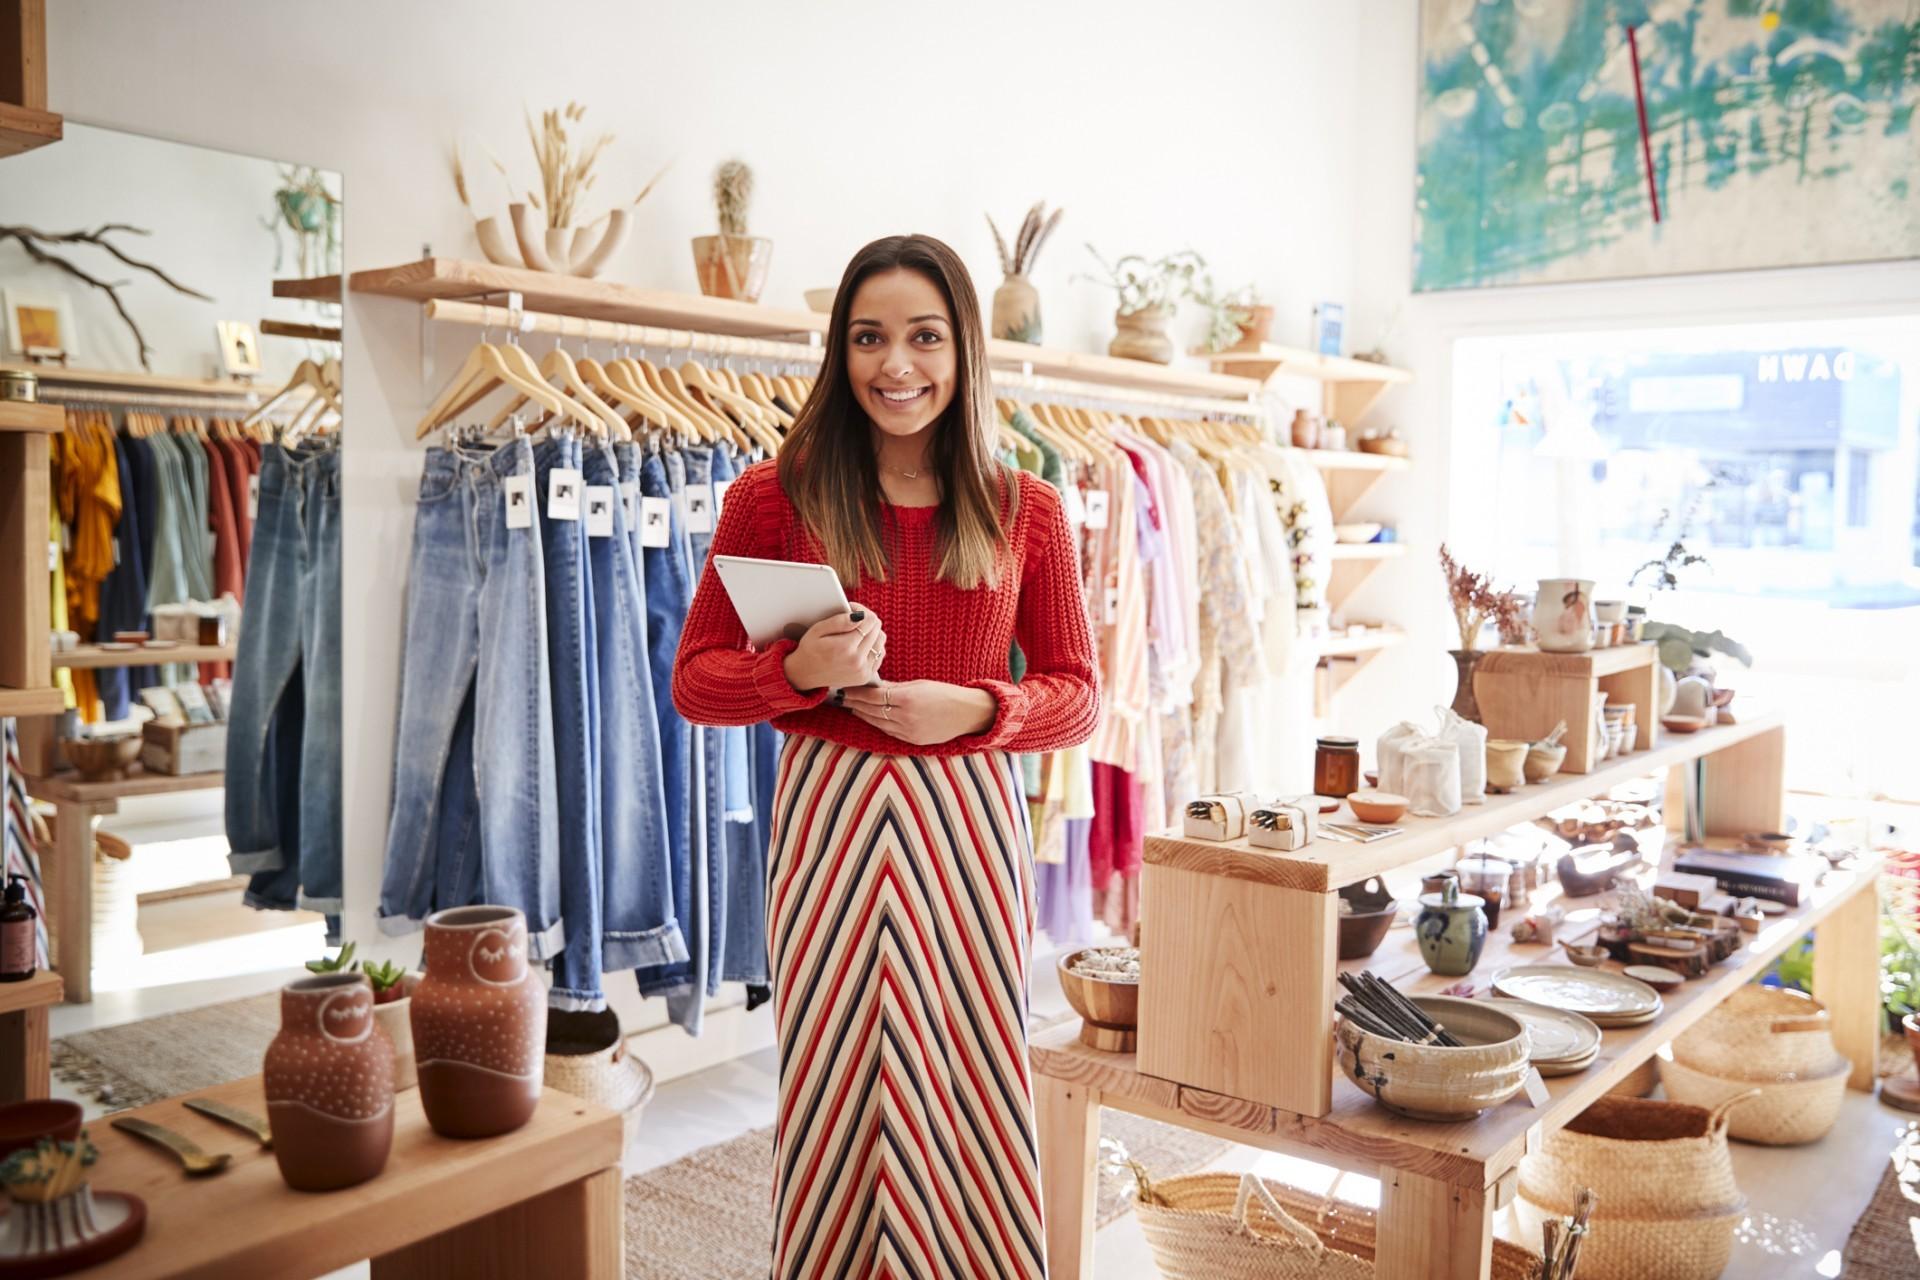 אפגרייד - ביטוח חנויות בקניון הראל חברה לביטוח